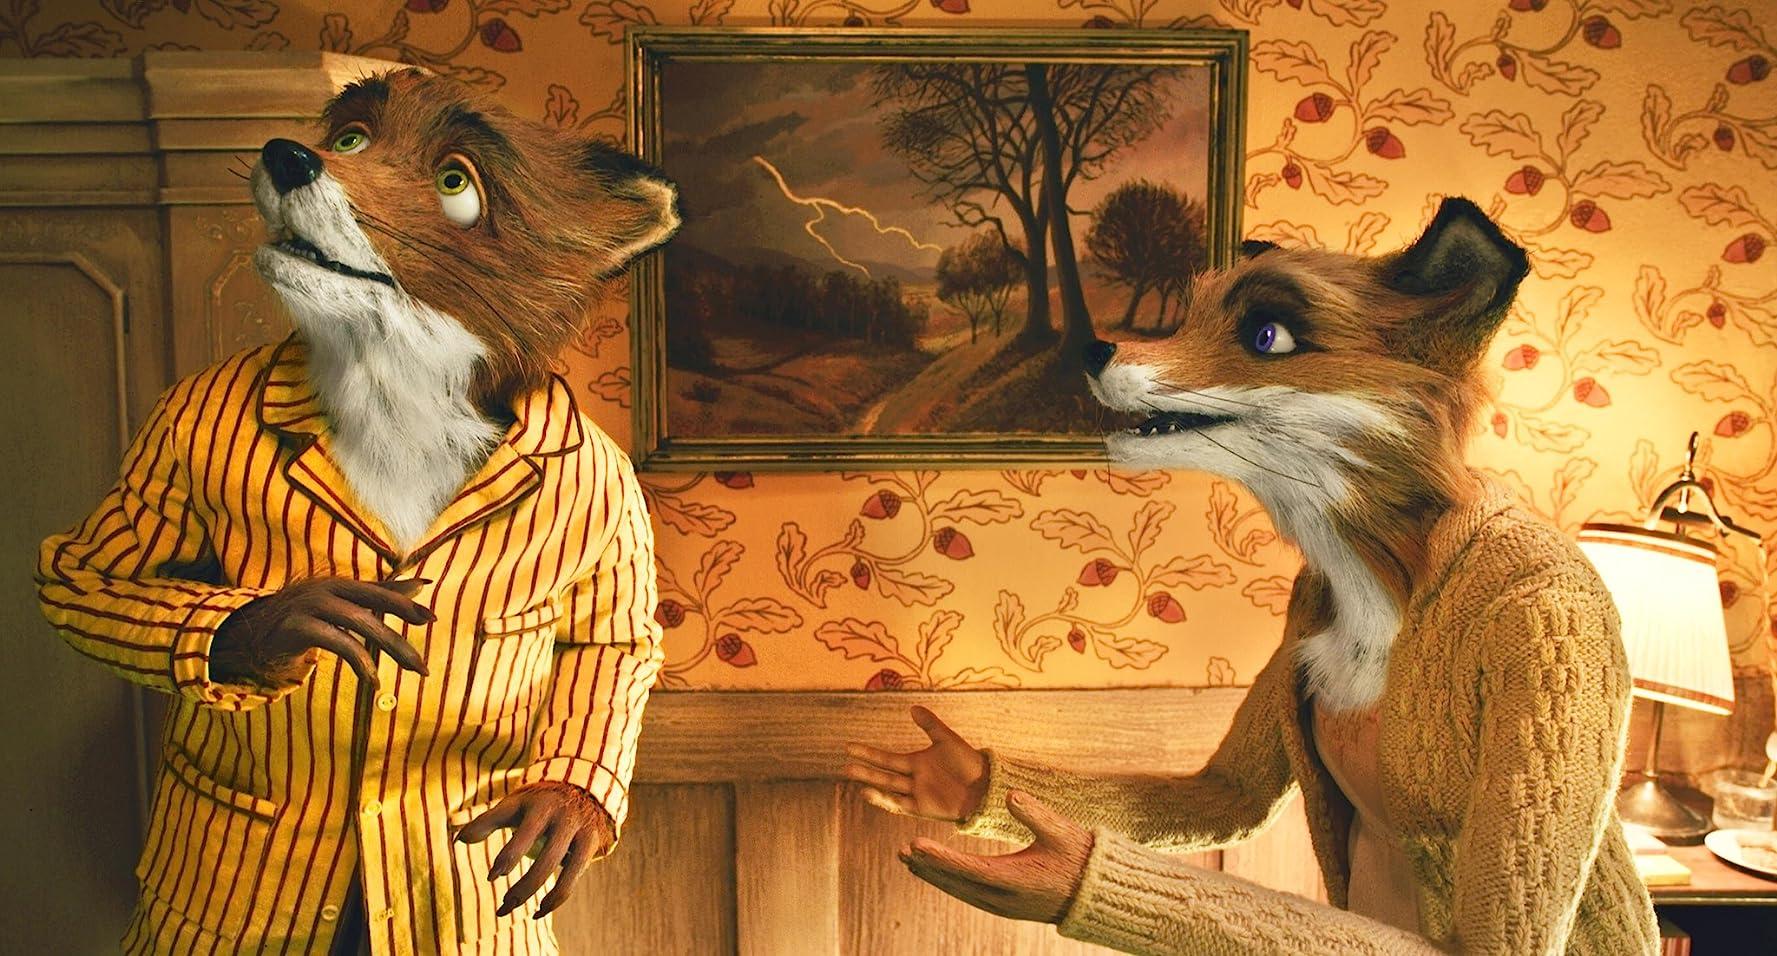 Wes Anderson, la clave de su estilo